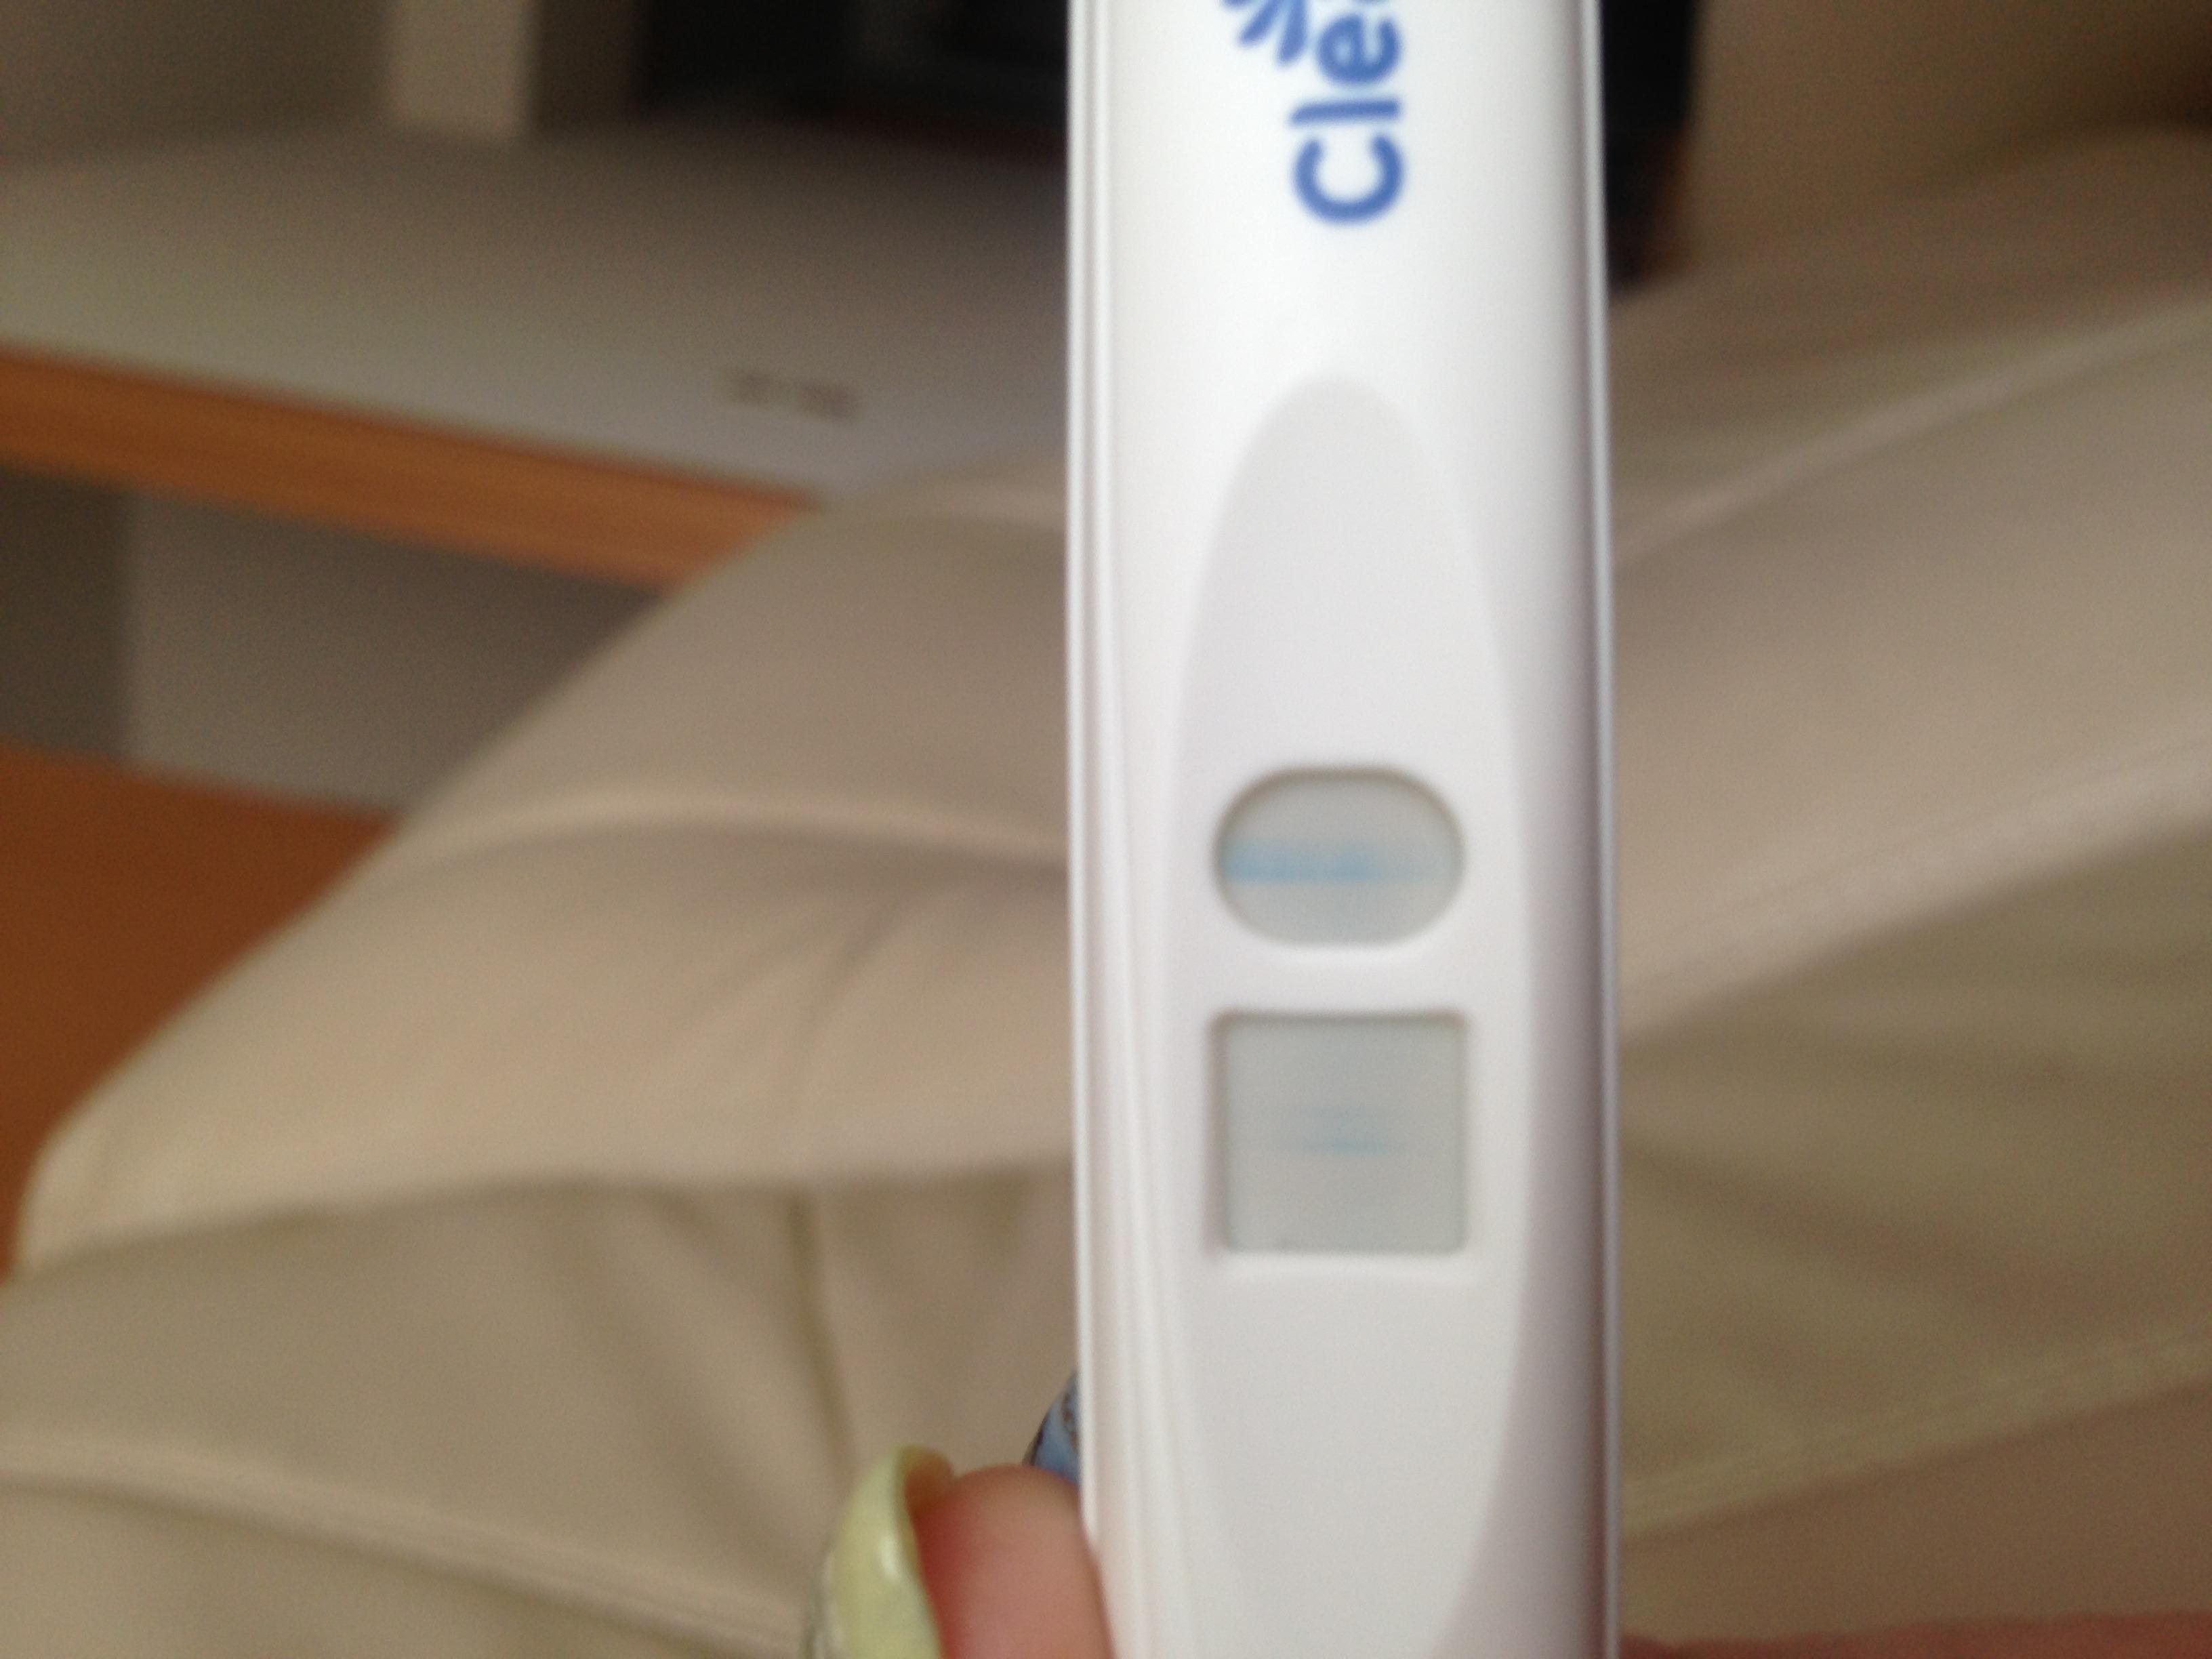 生理こない 妊娠検査薬 陽性から陰性